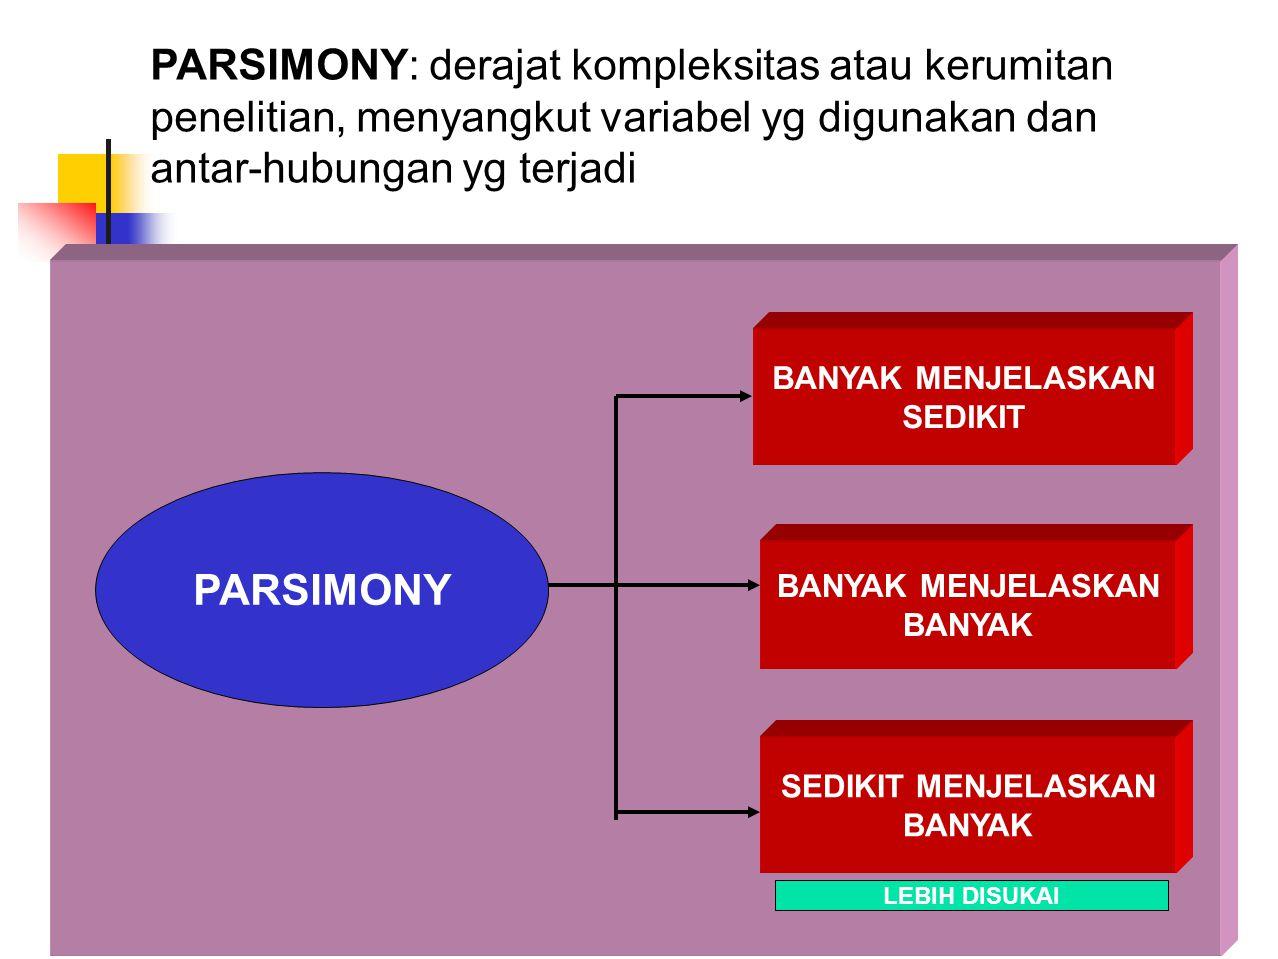 PARSIMONY: derajat kompleksitas atau kerumitan penelitian, menyangkut variabel yg digunakan dan antar-hubungan yg terjadi